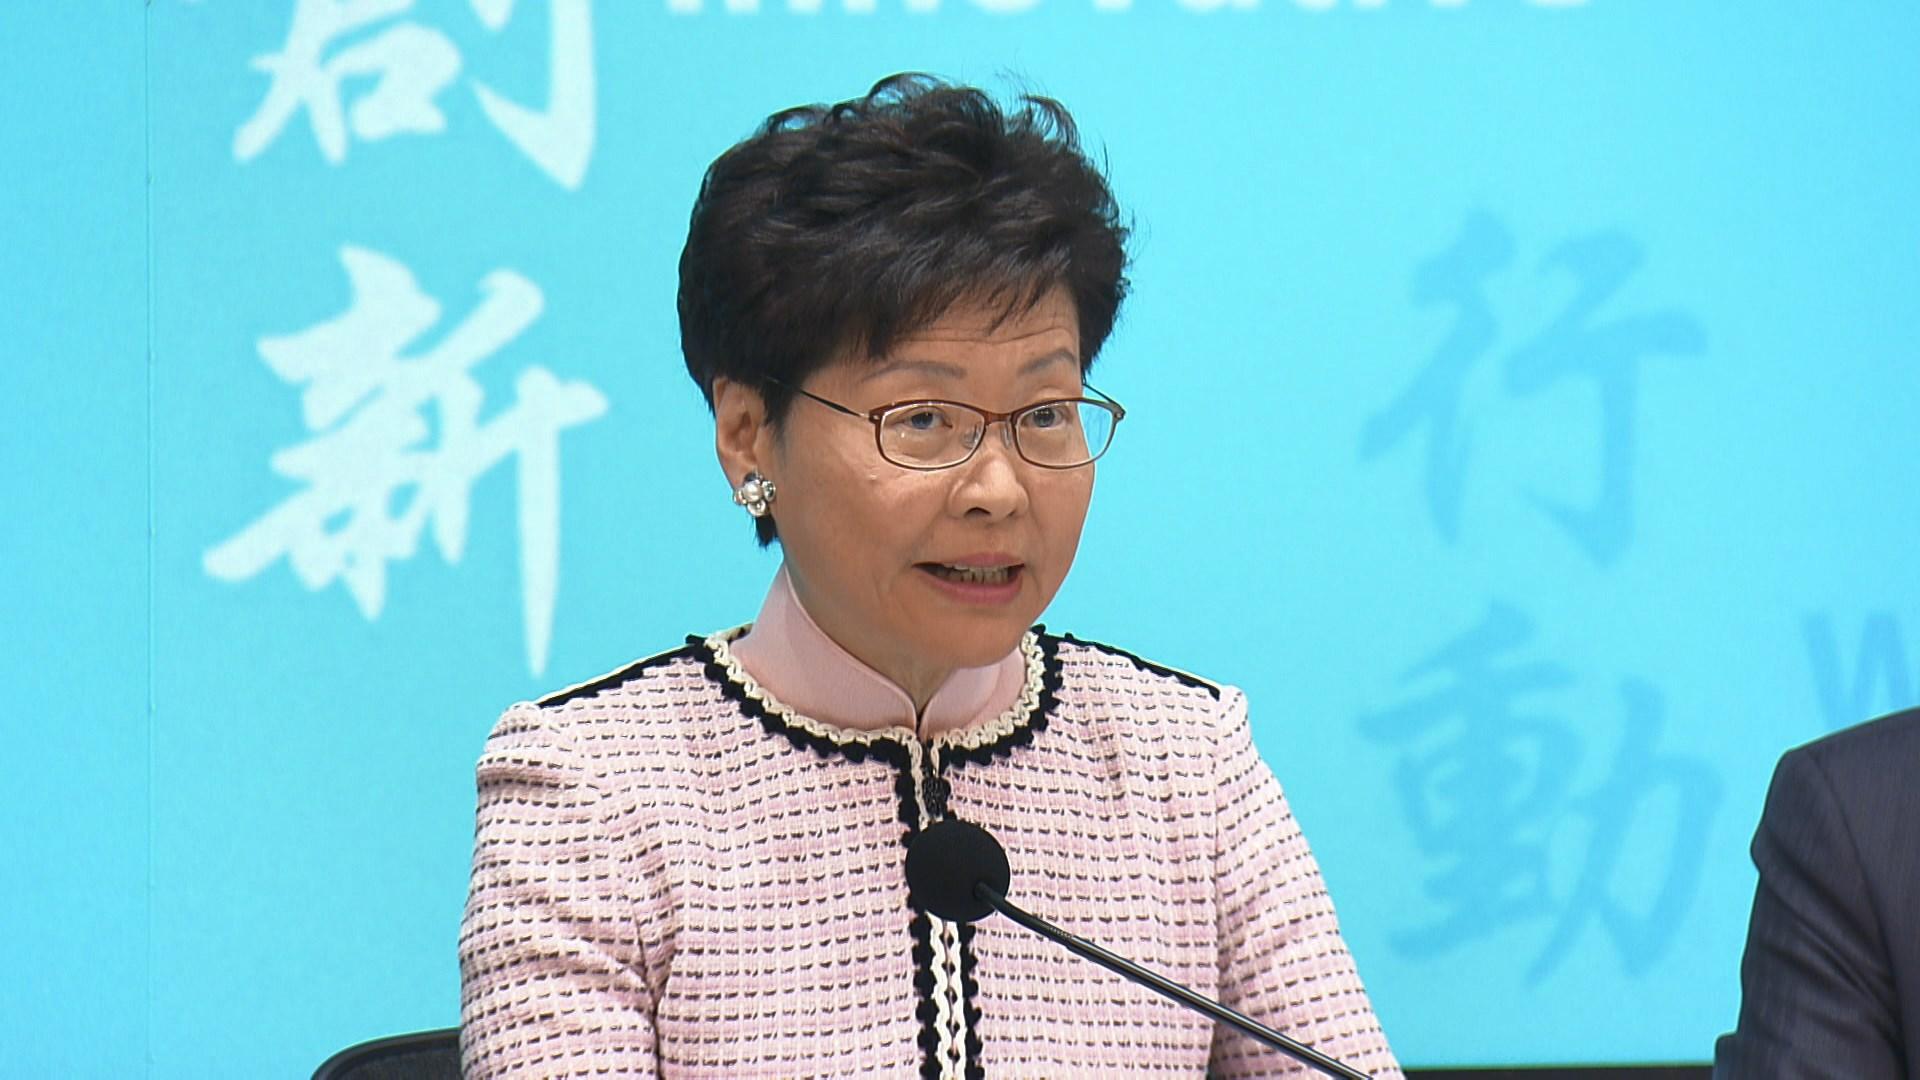 林鄭:三隧分流議案未獲足夠議員支持故撤回